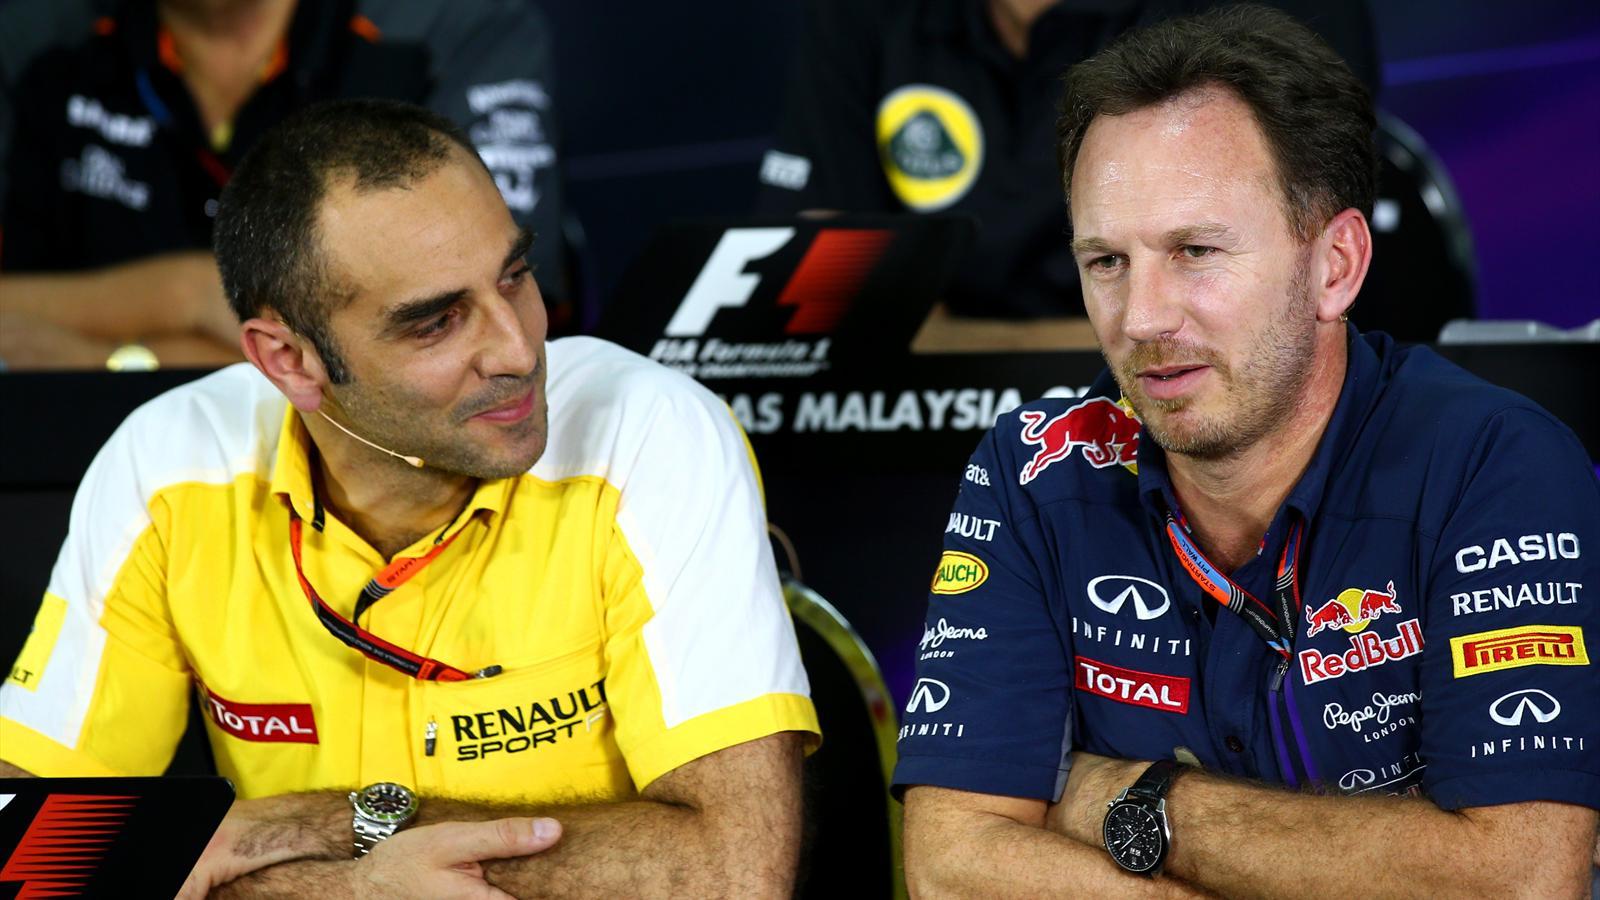 Spécial Sebastian Vettel (Formule un) - Page 20 1444570-30888250-1600-900